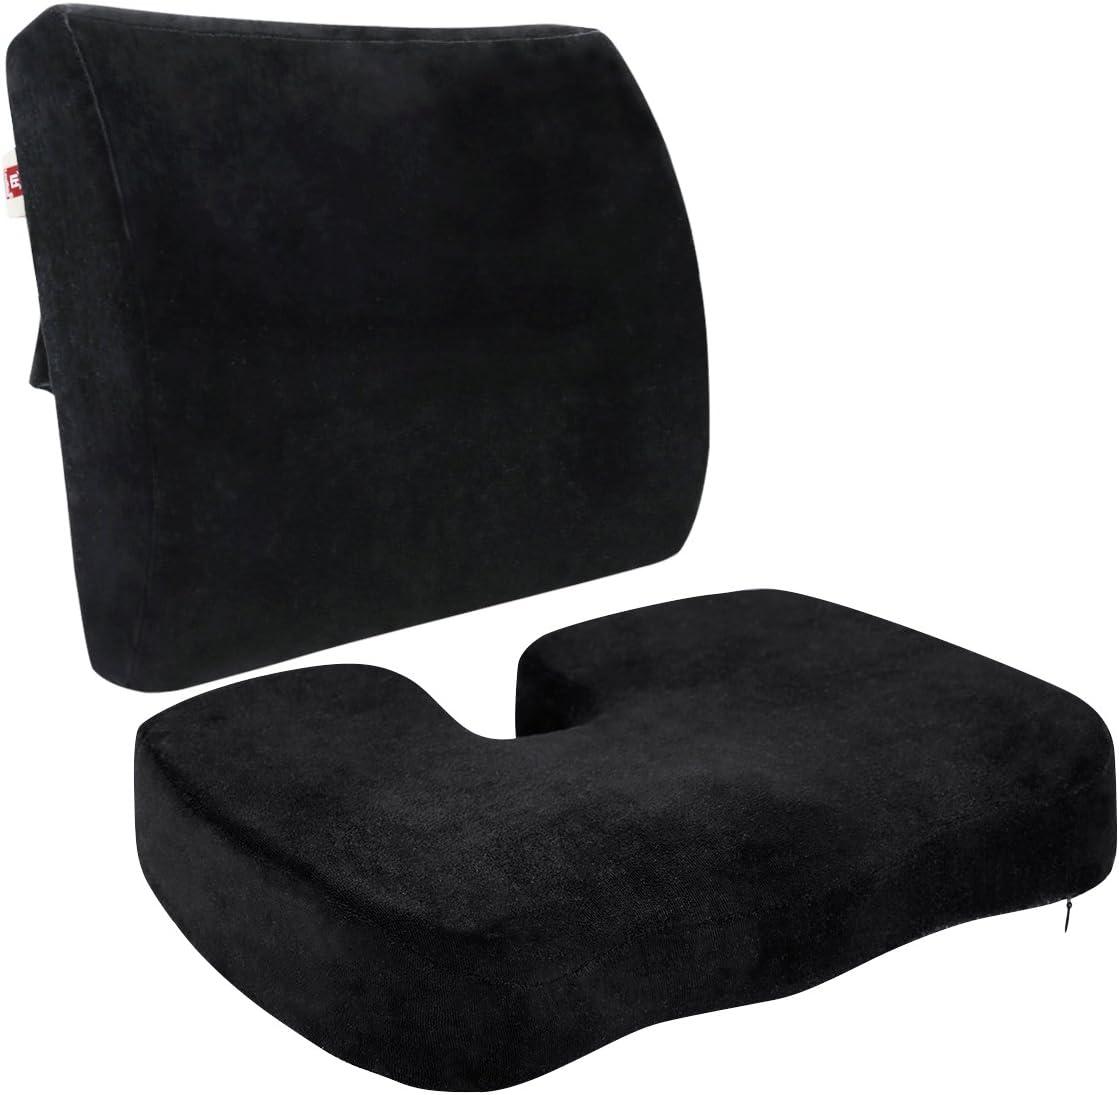 LoveHome coxis Ortopédica Espuma de asiento Cojín y respaldo para parte inferior de la espalda ciática, alivio de dolor pélvico para la conducción, oficina, color ne